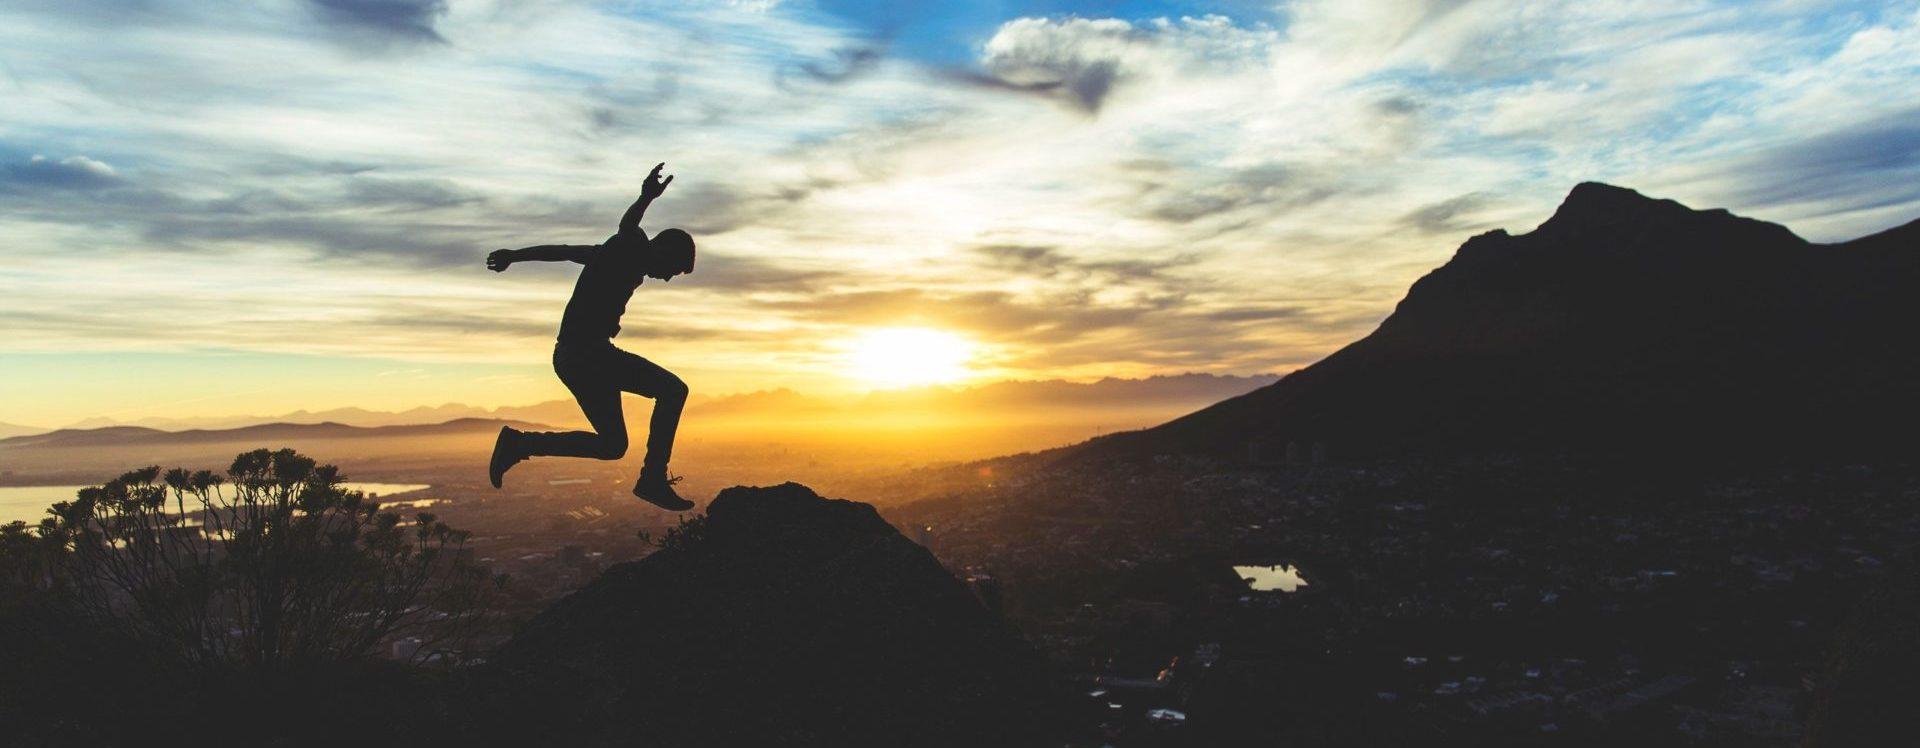 glücklich sein, unabhänging, Ziele erreichen